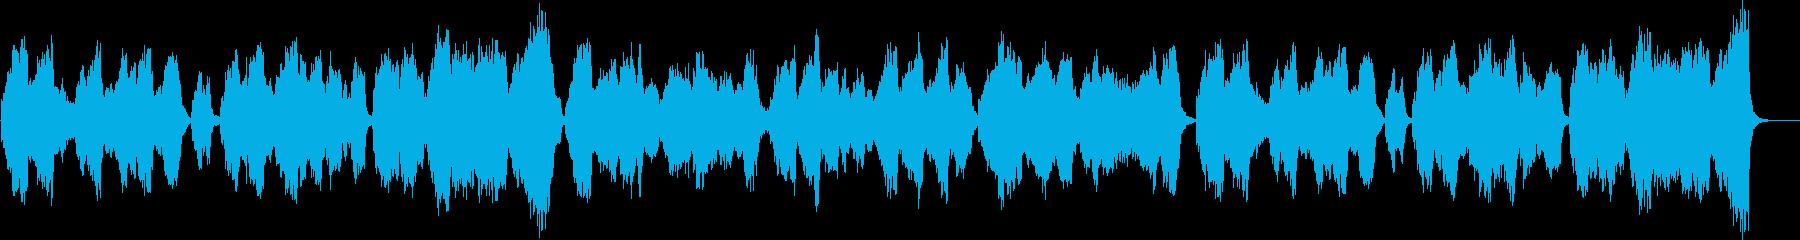 バロック風ストリングクアルテット静かな曲の再生済みの波形